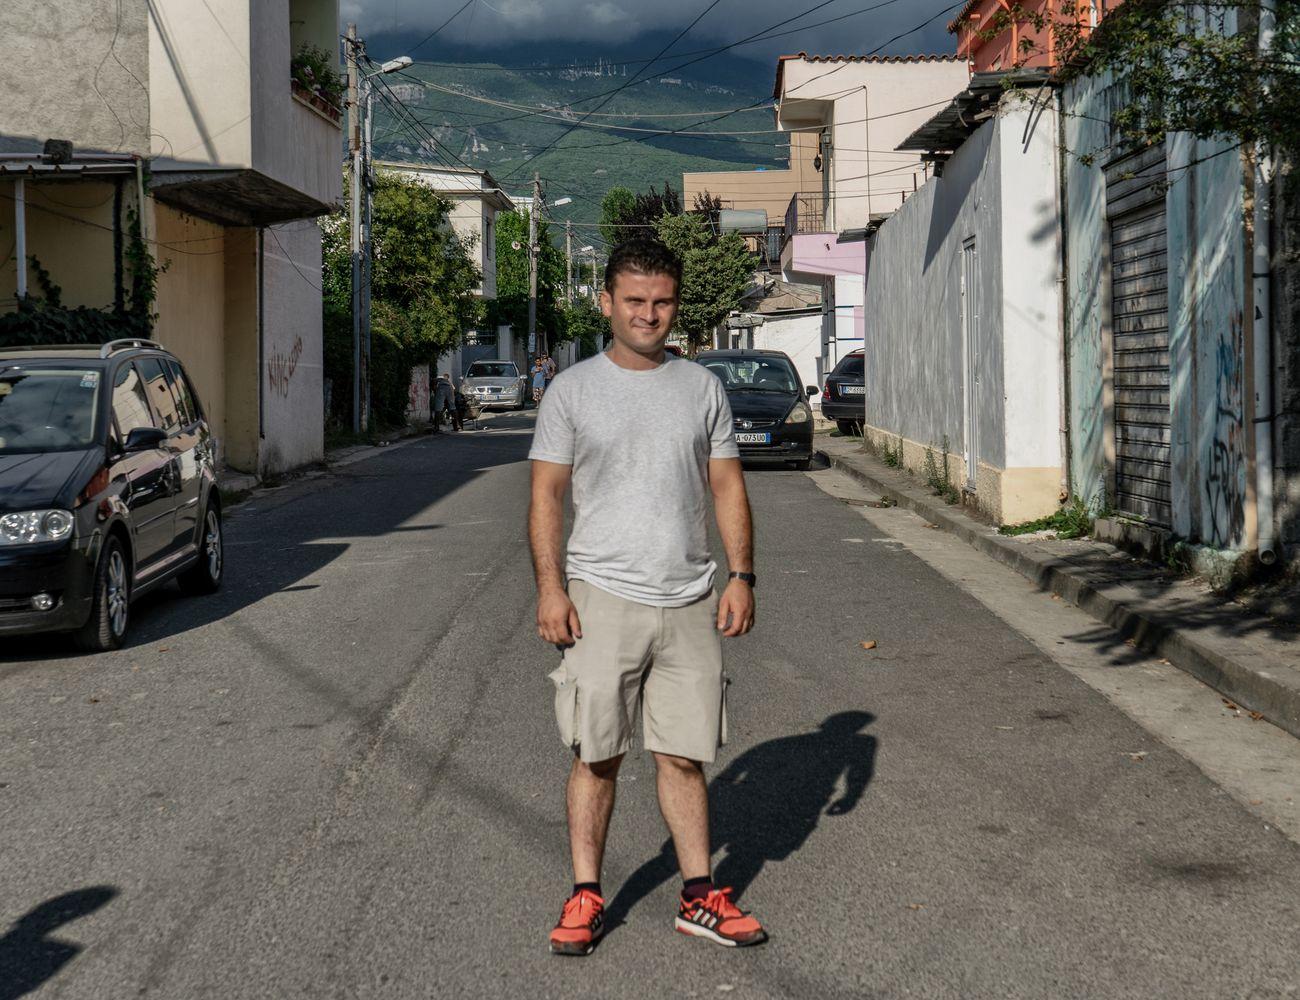 Sead Kazanxhiu nel suo quartiere di residenza, Kinostudio, a Tirana. Photo Marco Carlone